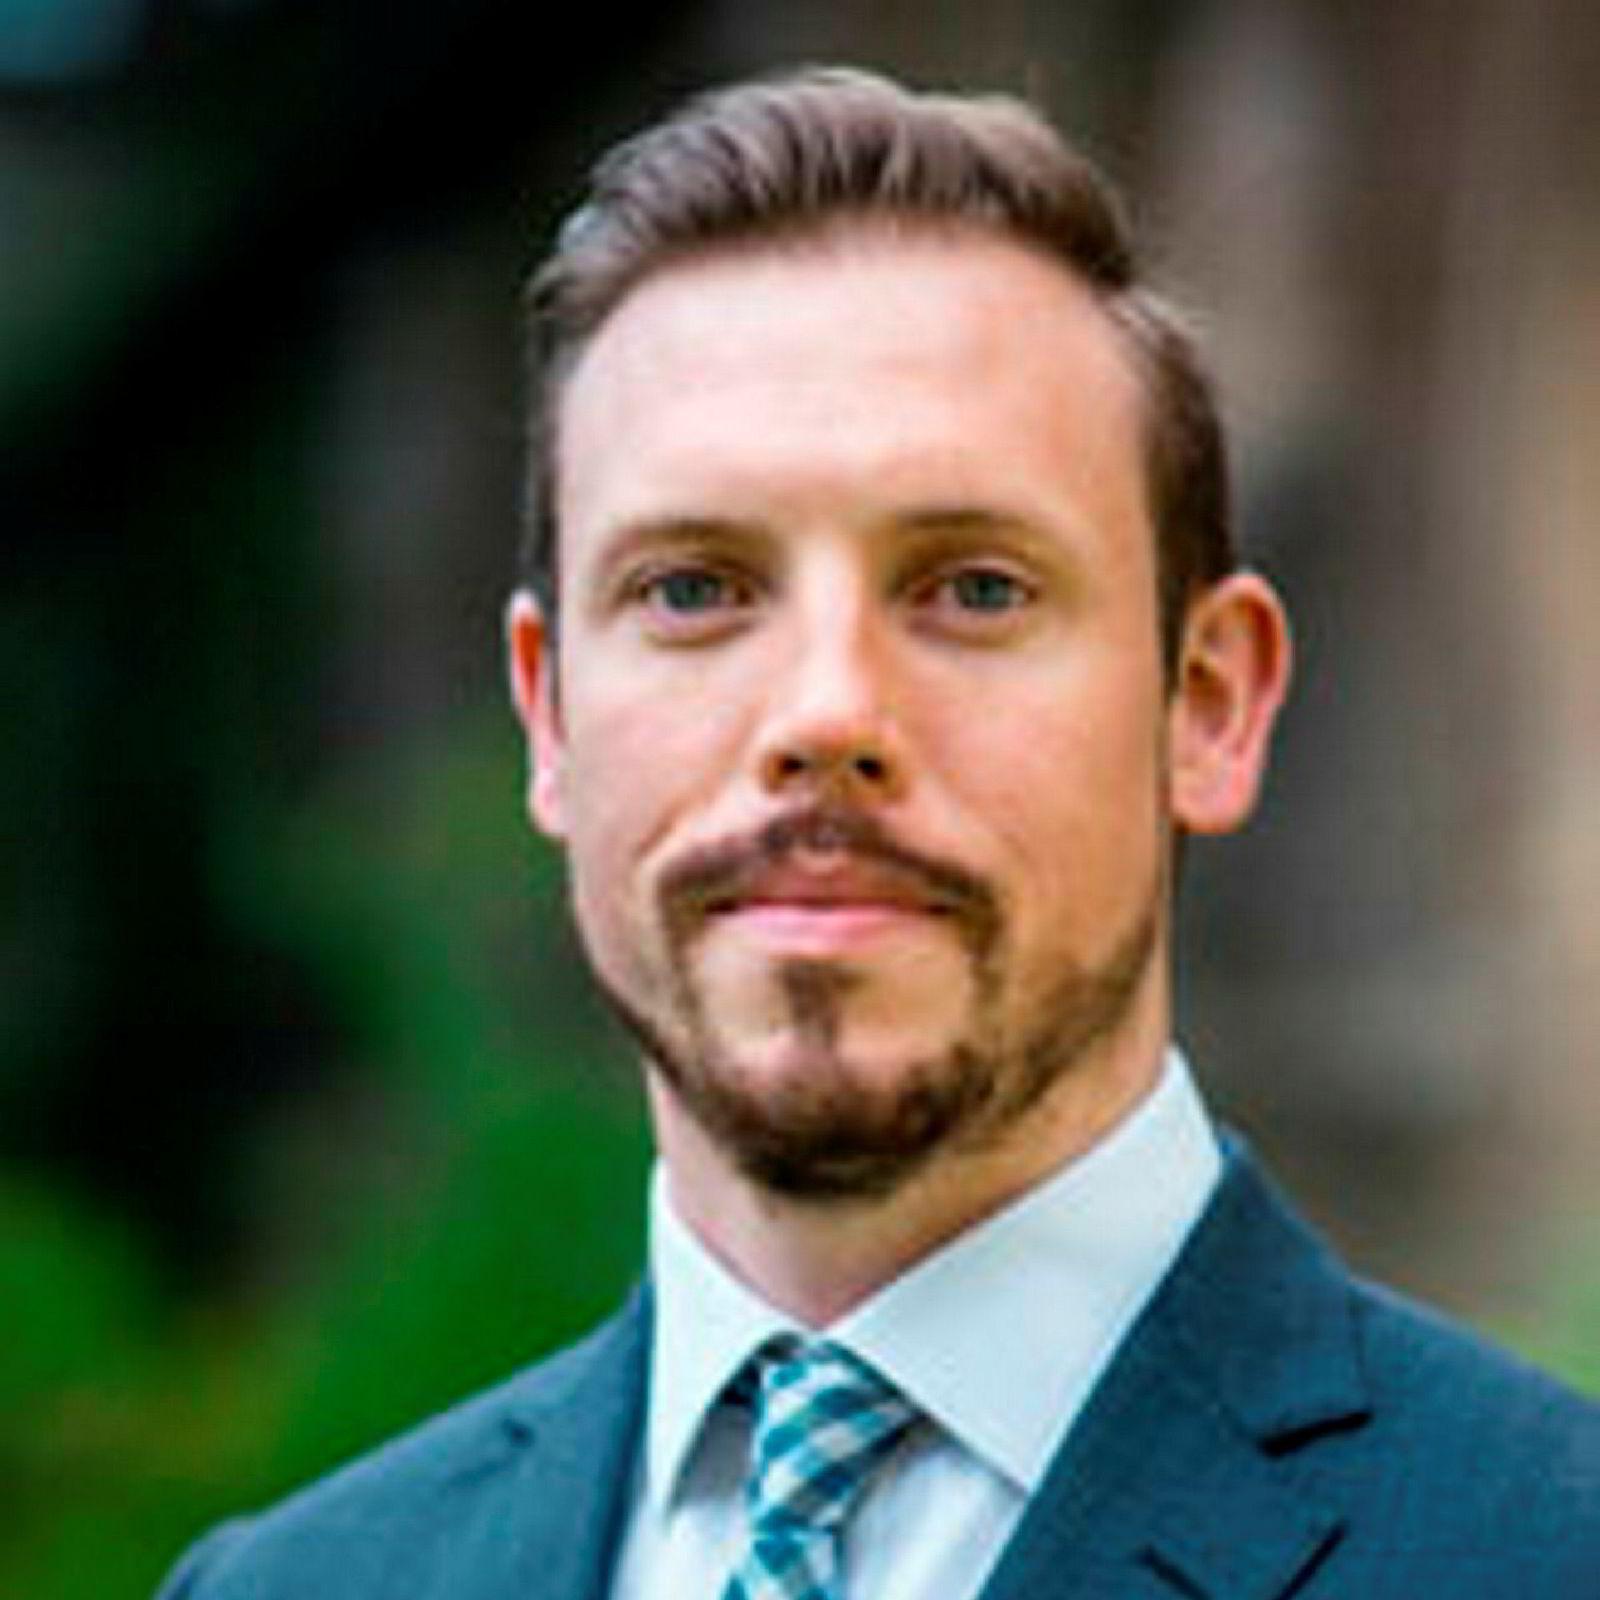 Brian Klaas USA-ekspert og forsker ved London School of Economics and Political Science. (LSE)